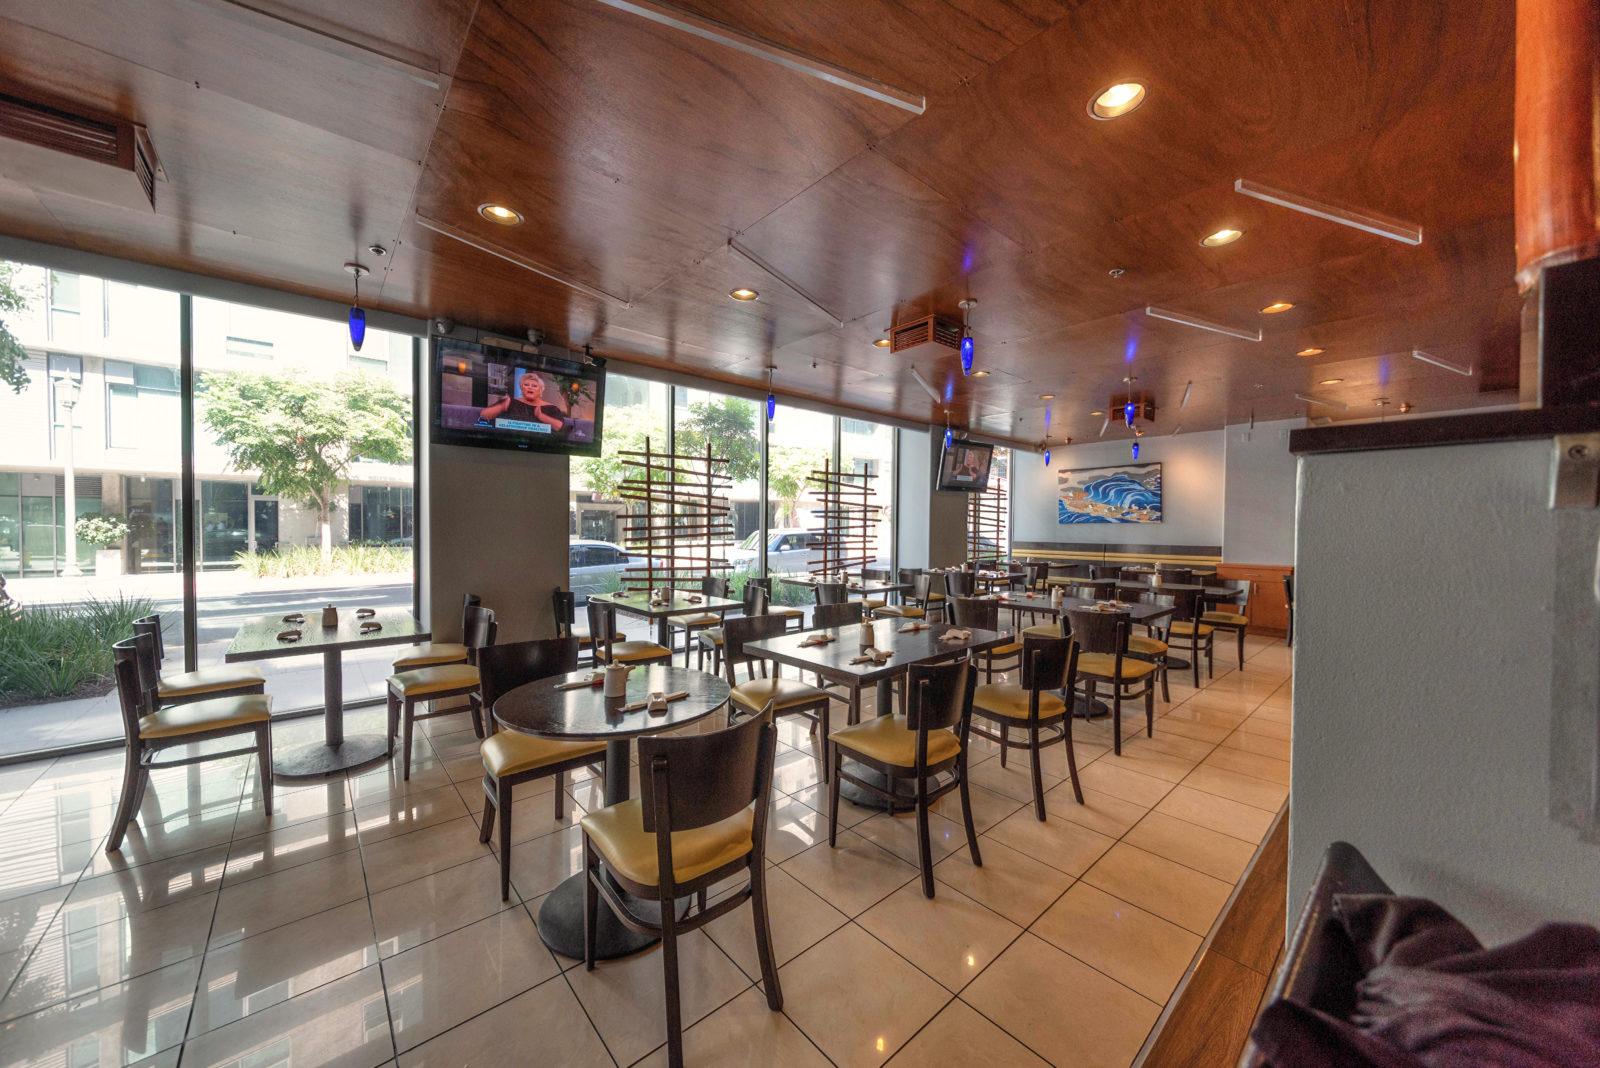 Dtla Sushi Restaurant Wynn Locations Film Locations